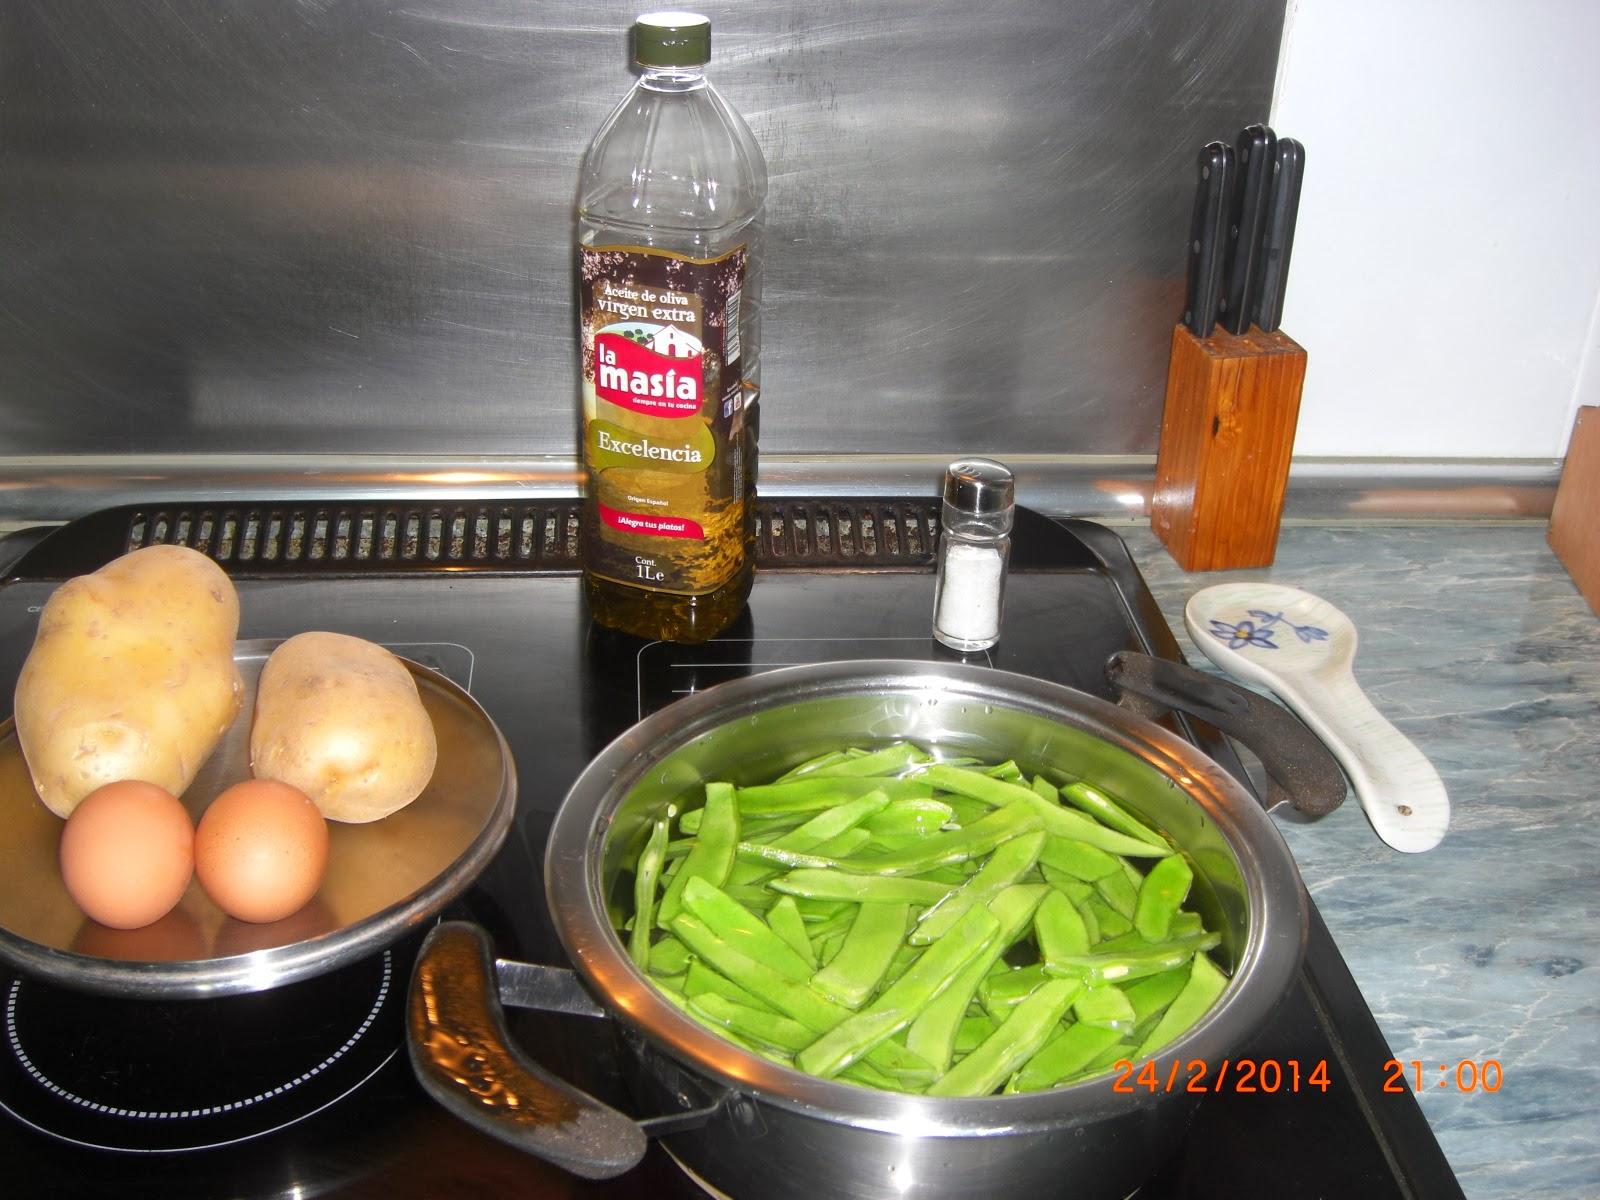 Mama lo cocina judias verdes con pure de patata y huevos - Tiempo coccion judias verdes ...